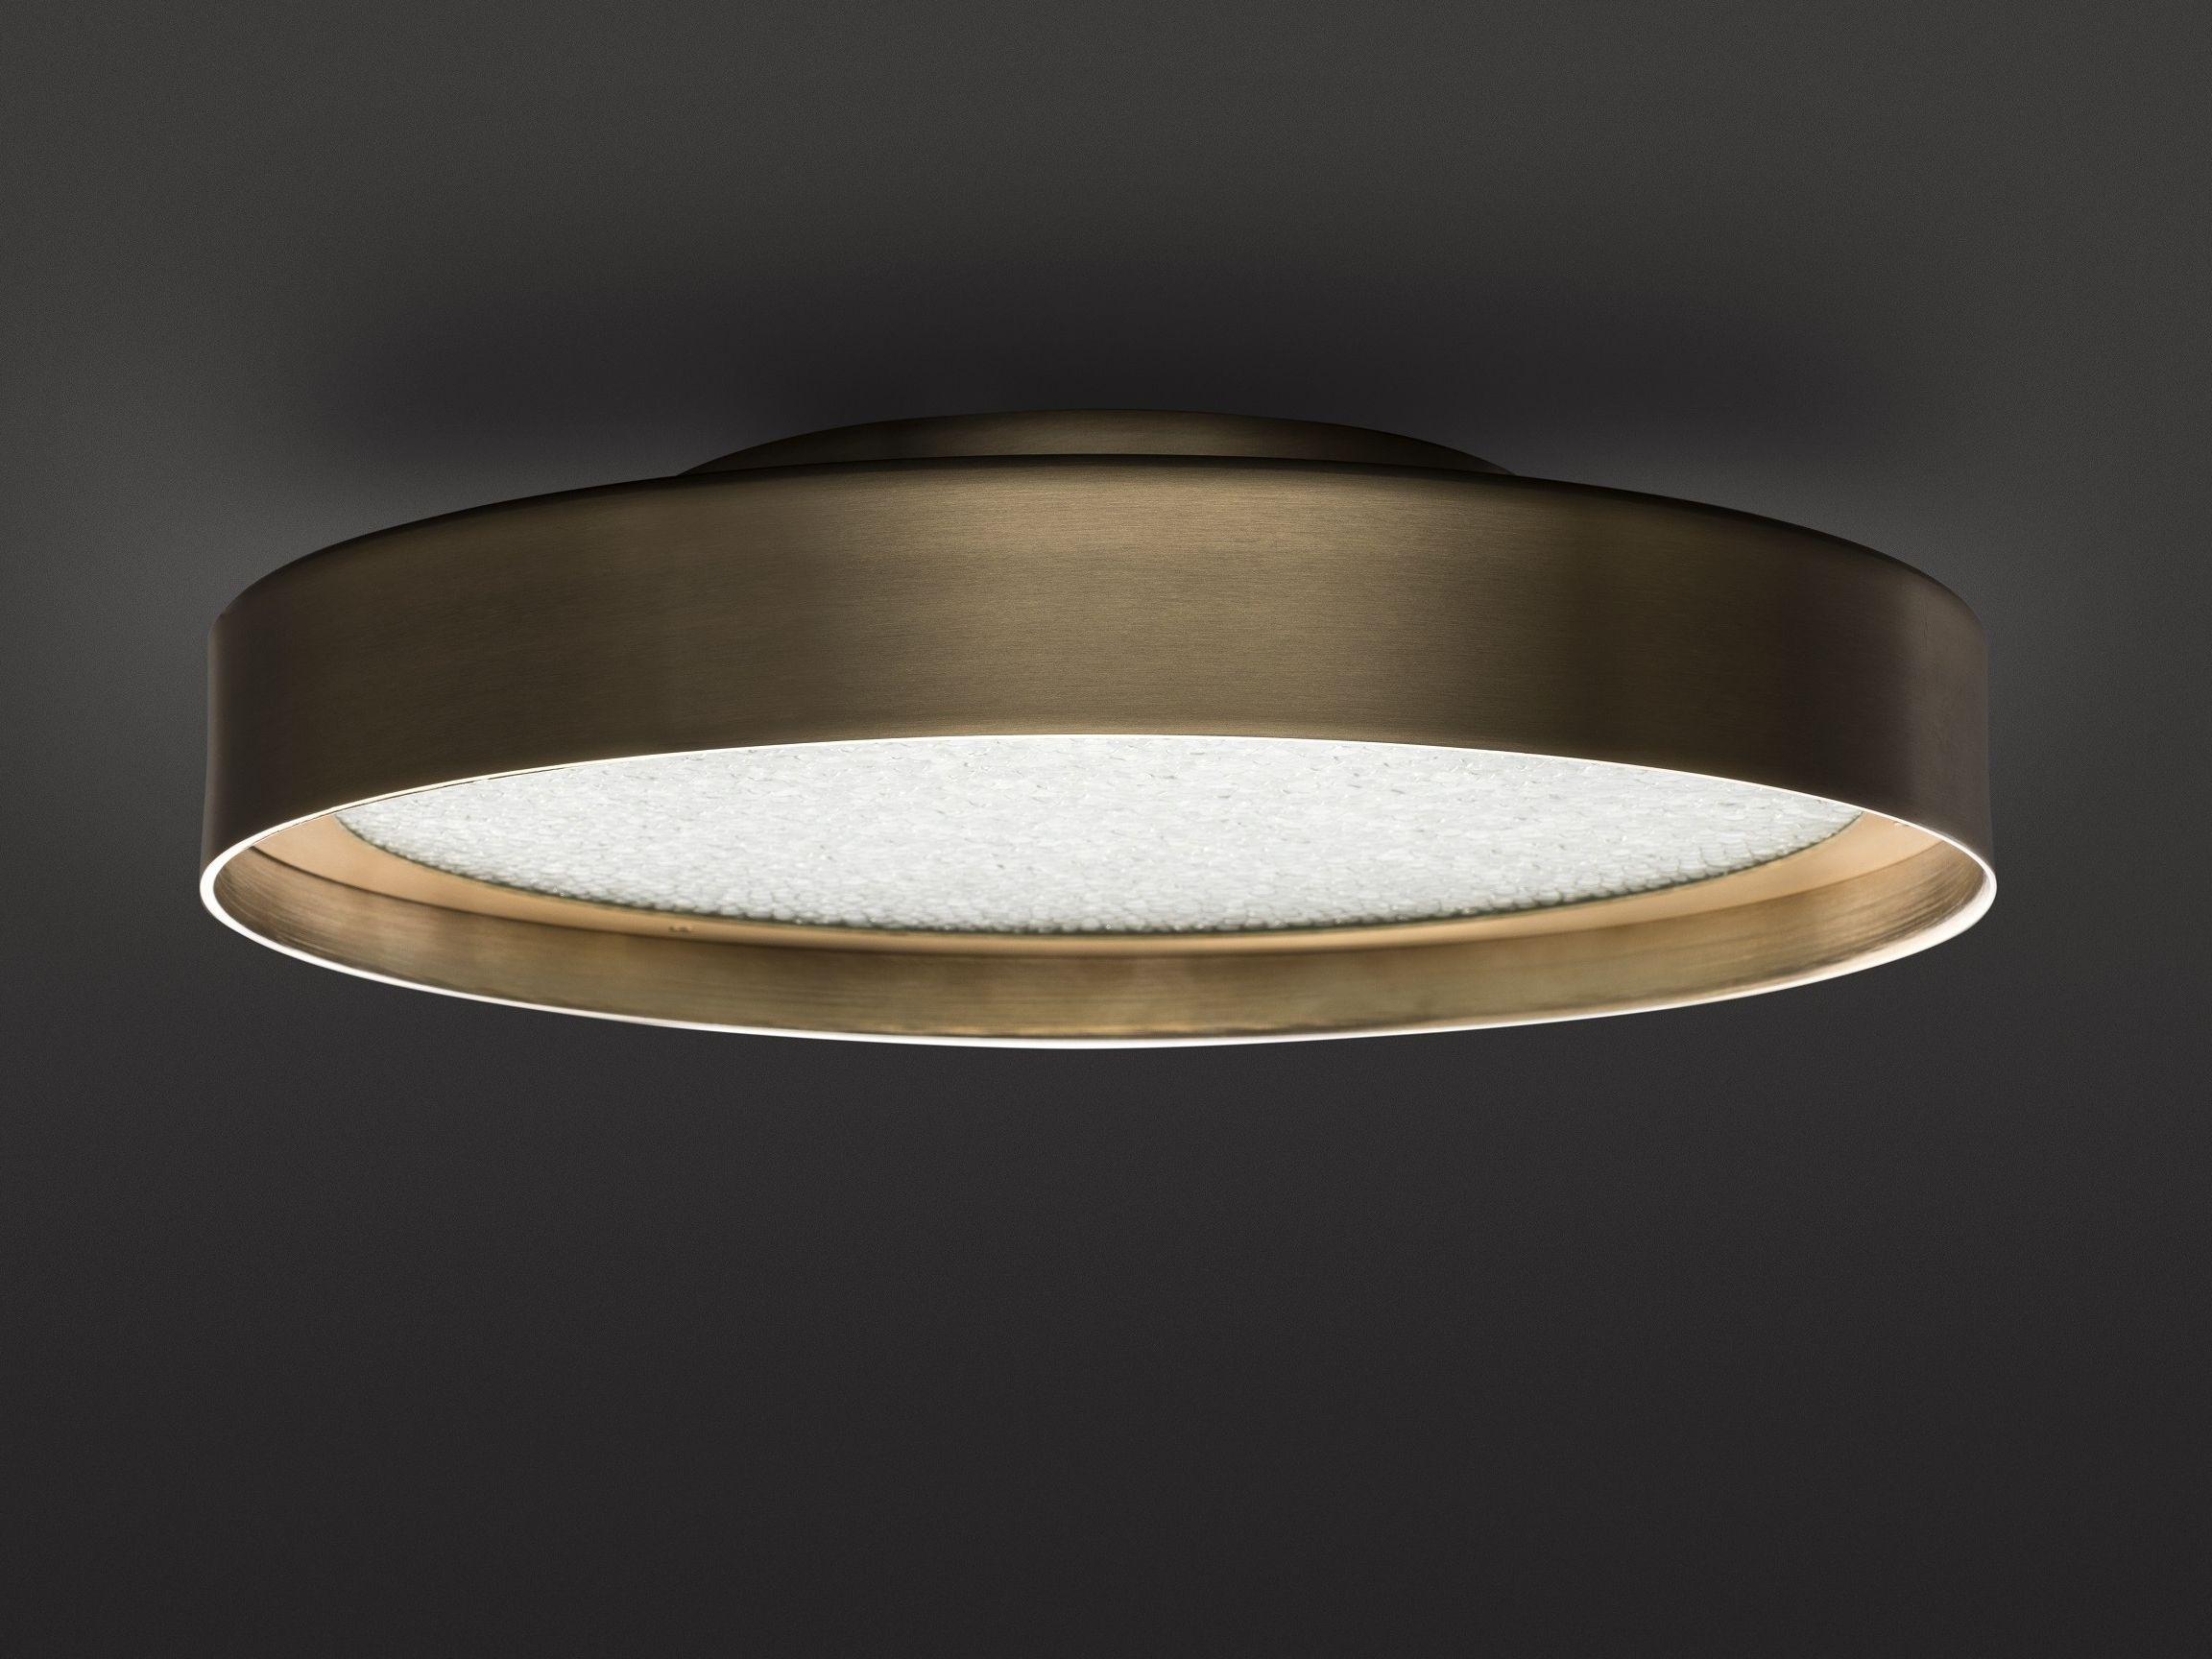 Wall Lamp Ceiling Lamp Berlin 720 721 By Oluce Design Christophe Pillet Beleuchtung Deckenleuchten Und Modernes Design